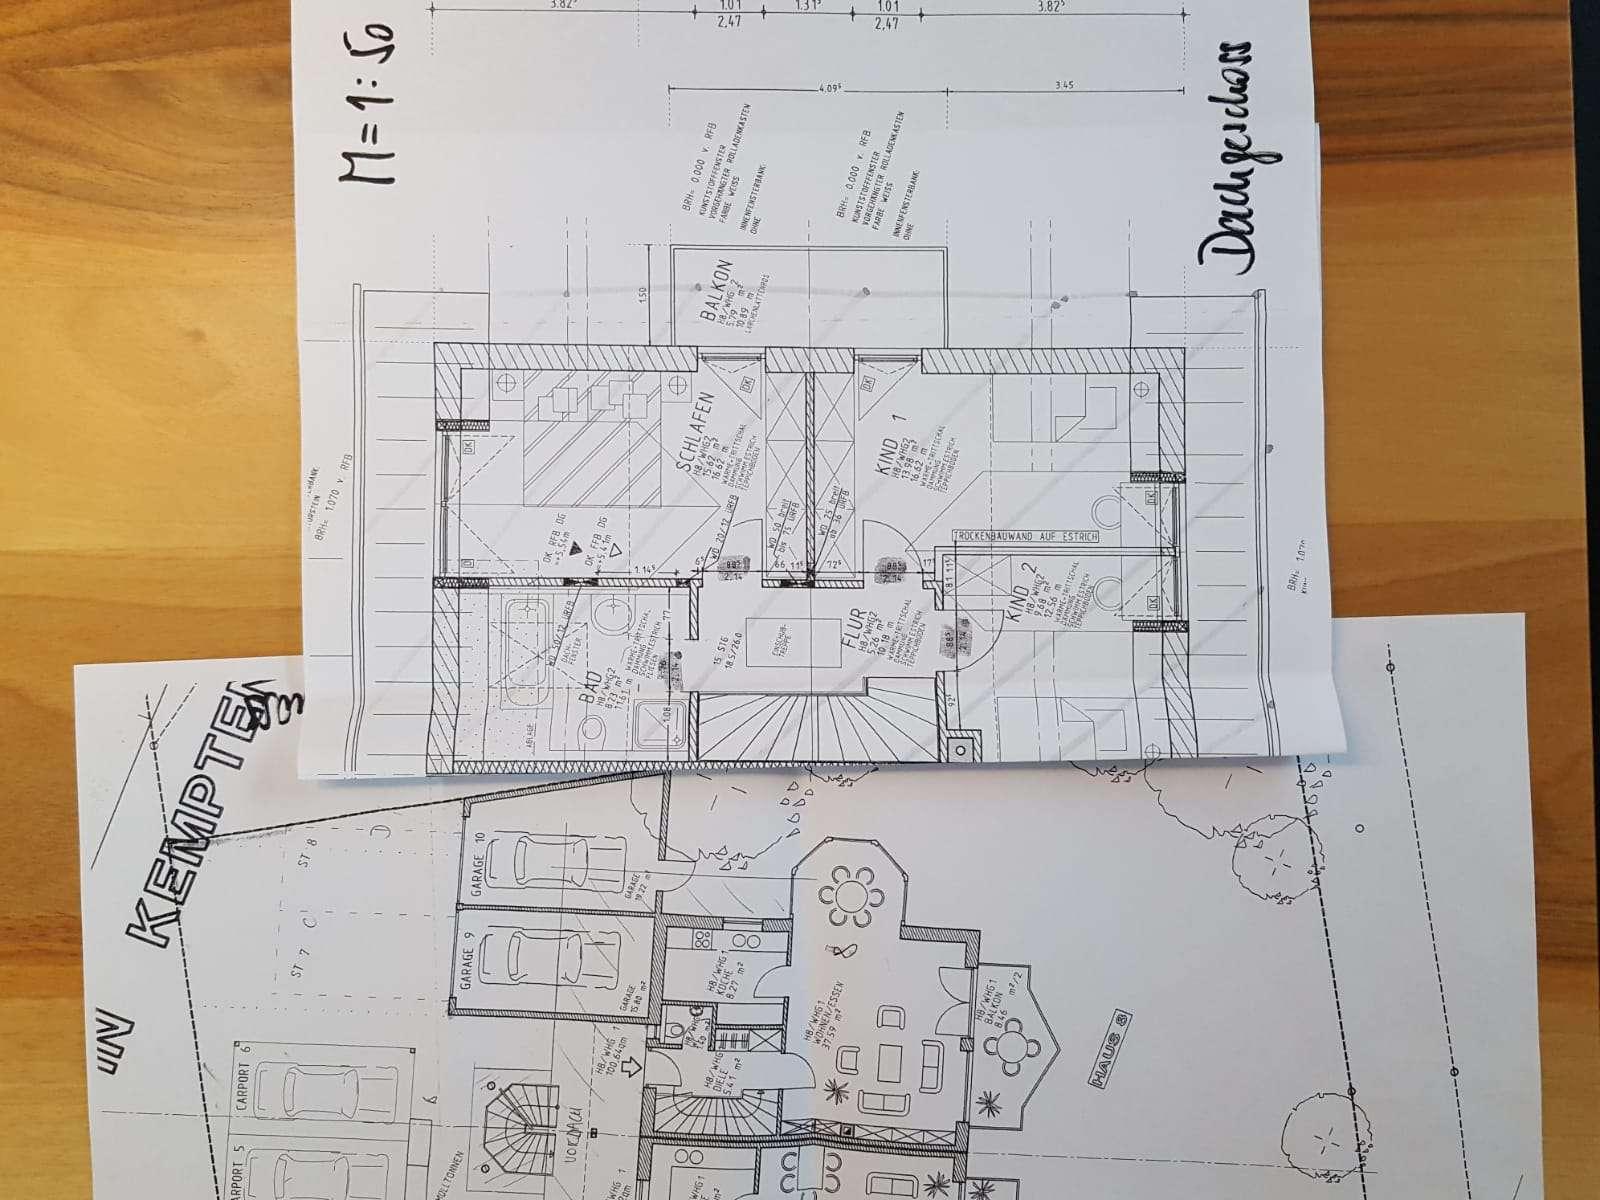 Gepflegte 3-Zimmer-Wohnung mit Balkon und EBK in Kempten (Allgäu) in St. Mang (Kempten (Allgäu))